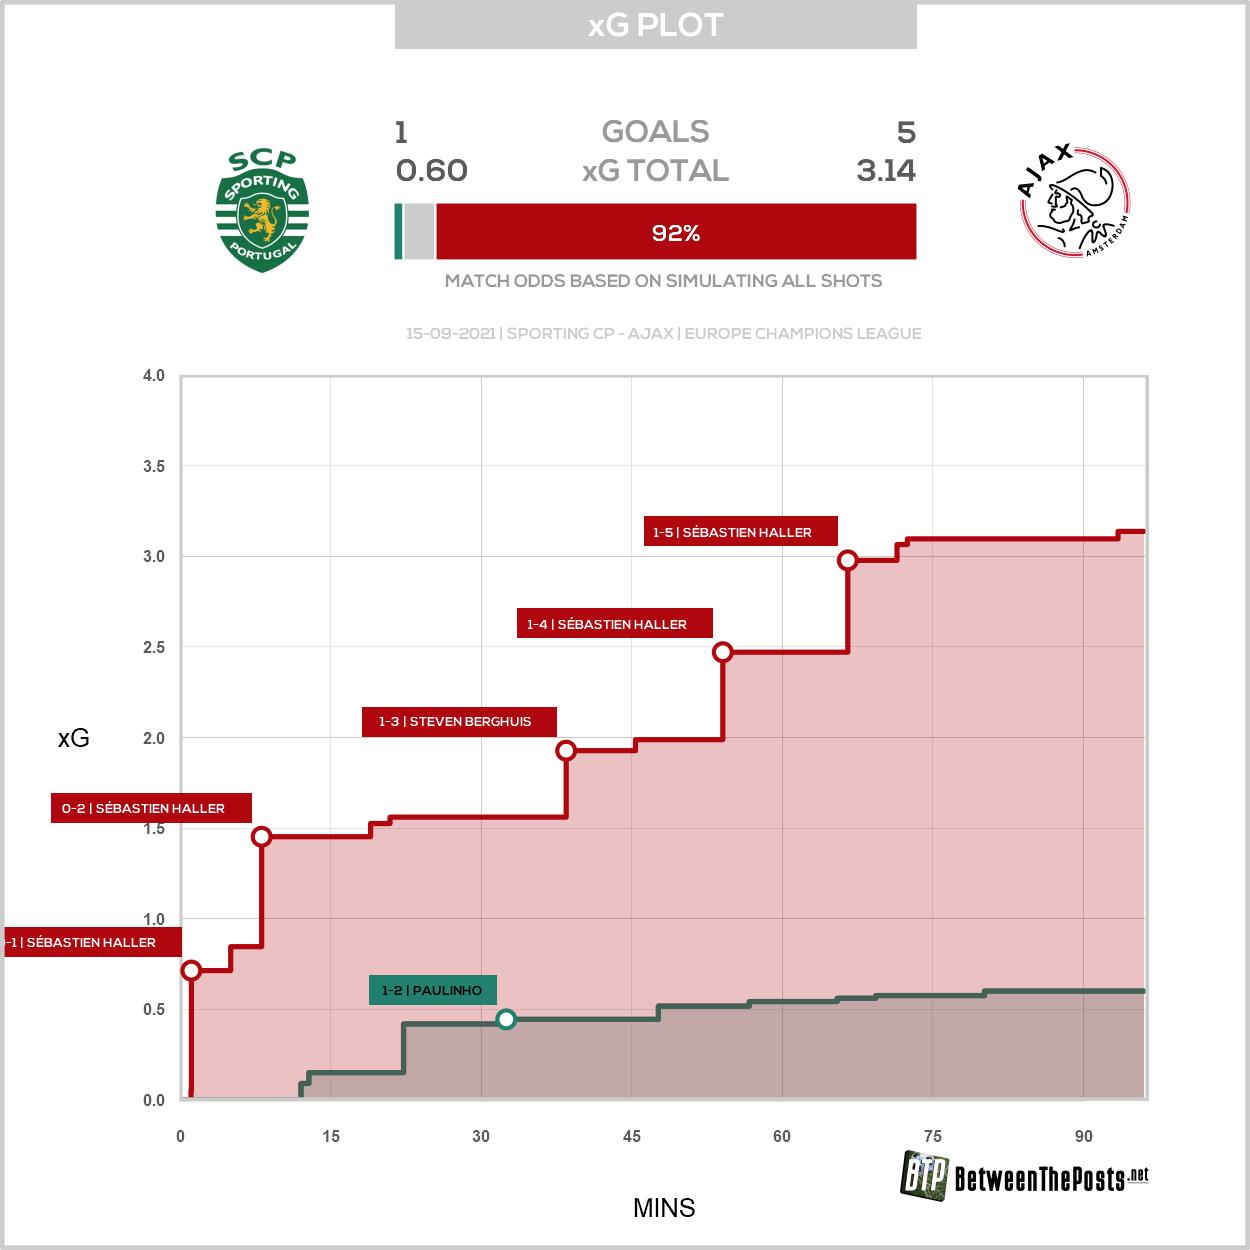 2021 09 15 Xg Plot Sporting CP 1 5 Ajax